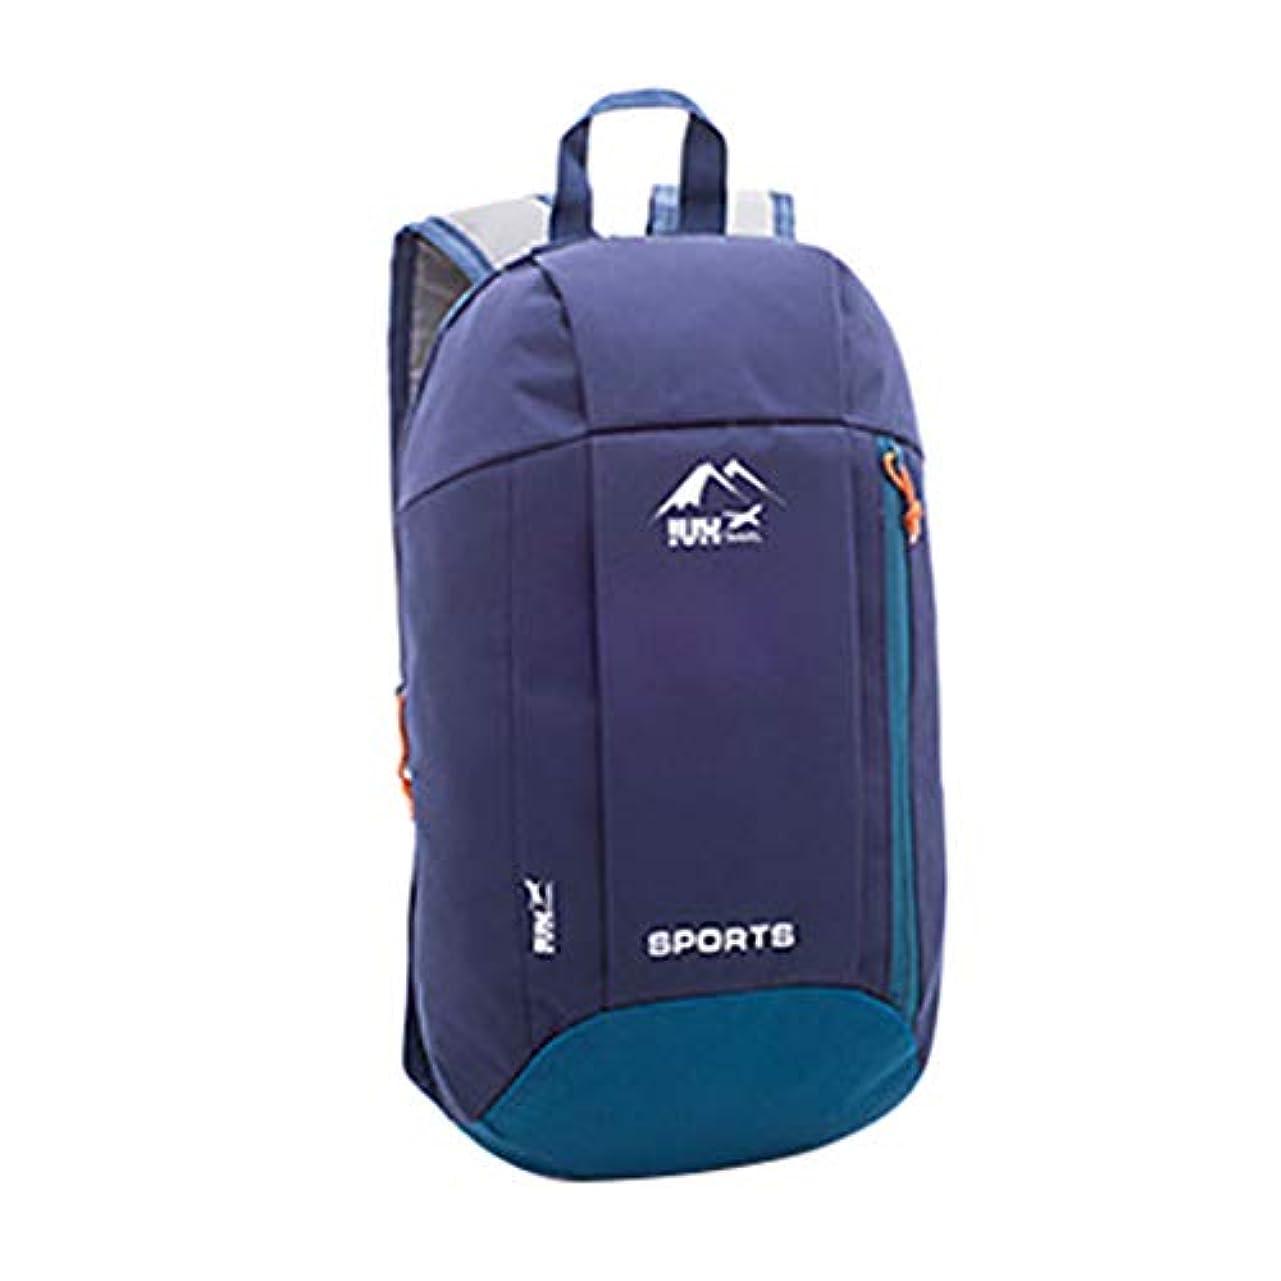 マント電池支払う2019新しい男性と女性の学生ファッションアウトドアスポーツトラベルバッグ軽量かわいいミニバックパック登山キャンプバッグ